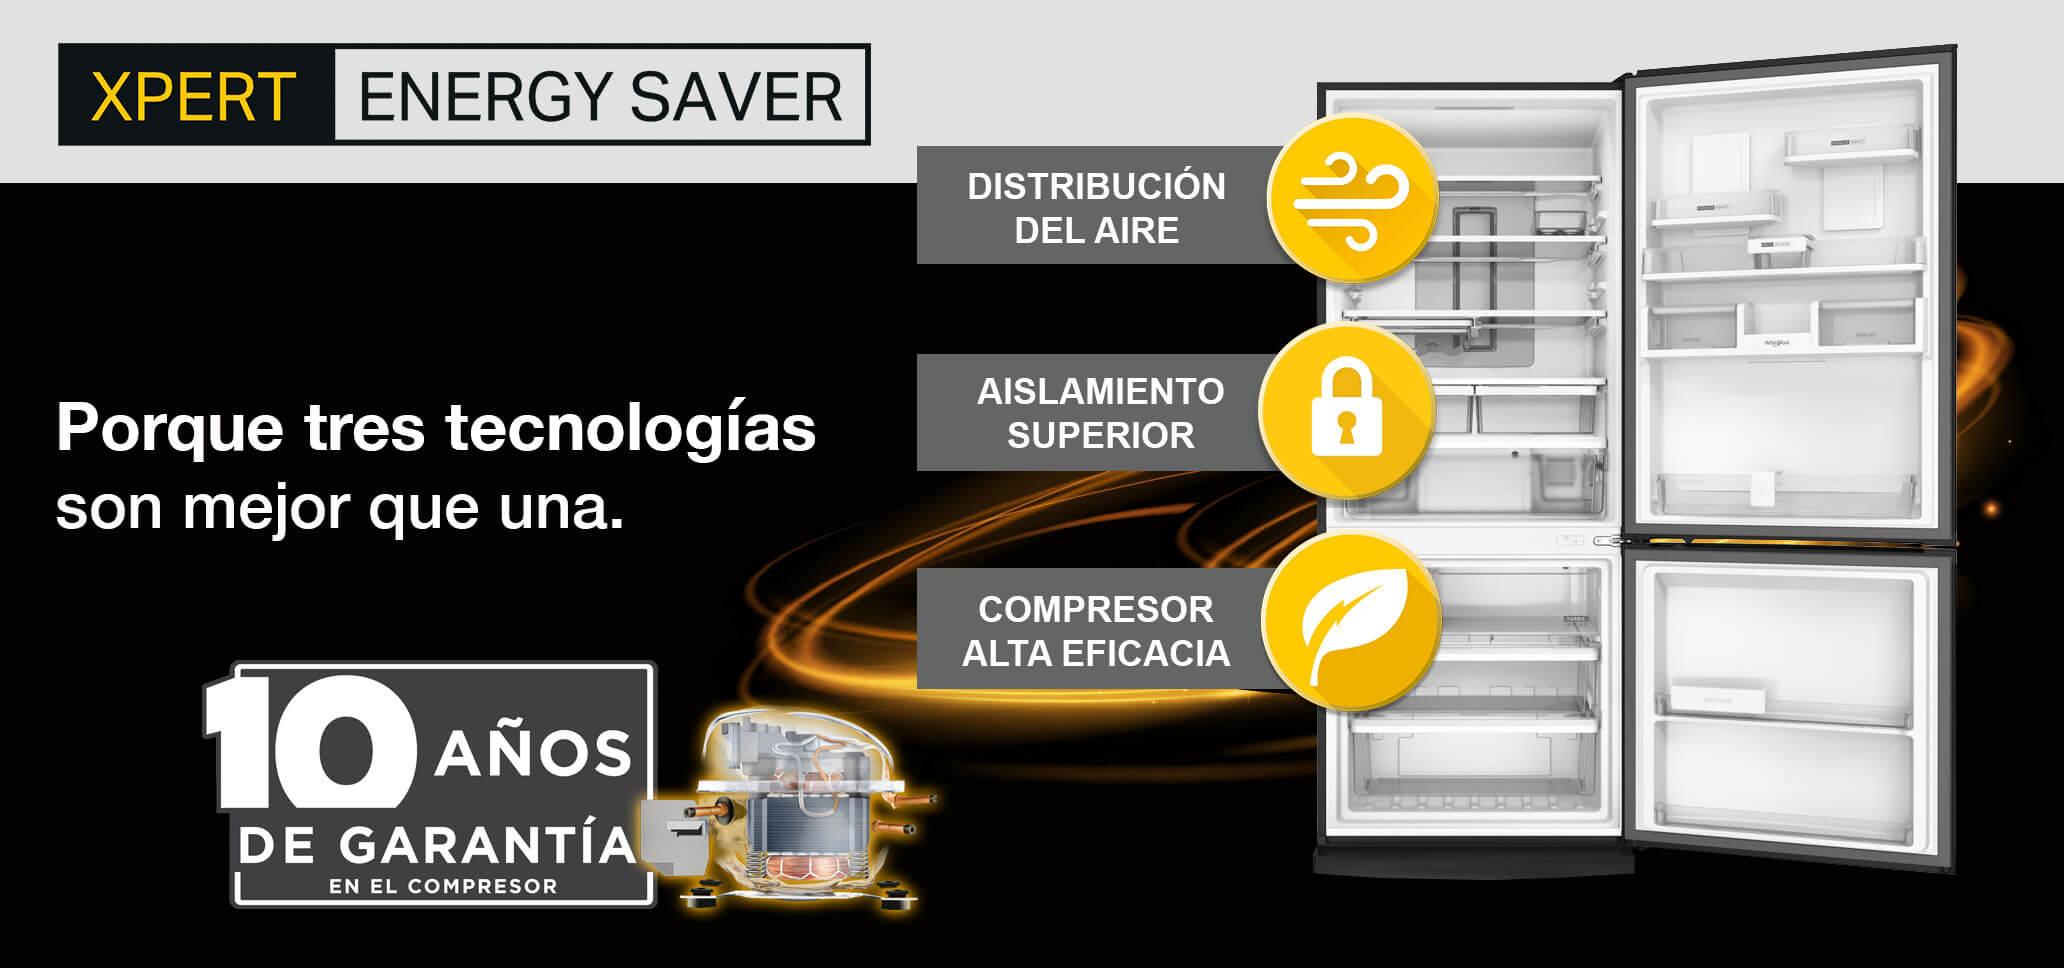 Tecnología Xpert Energy Saver de Whirlpool. Cuidemos el planeta.